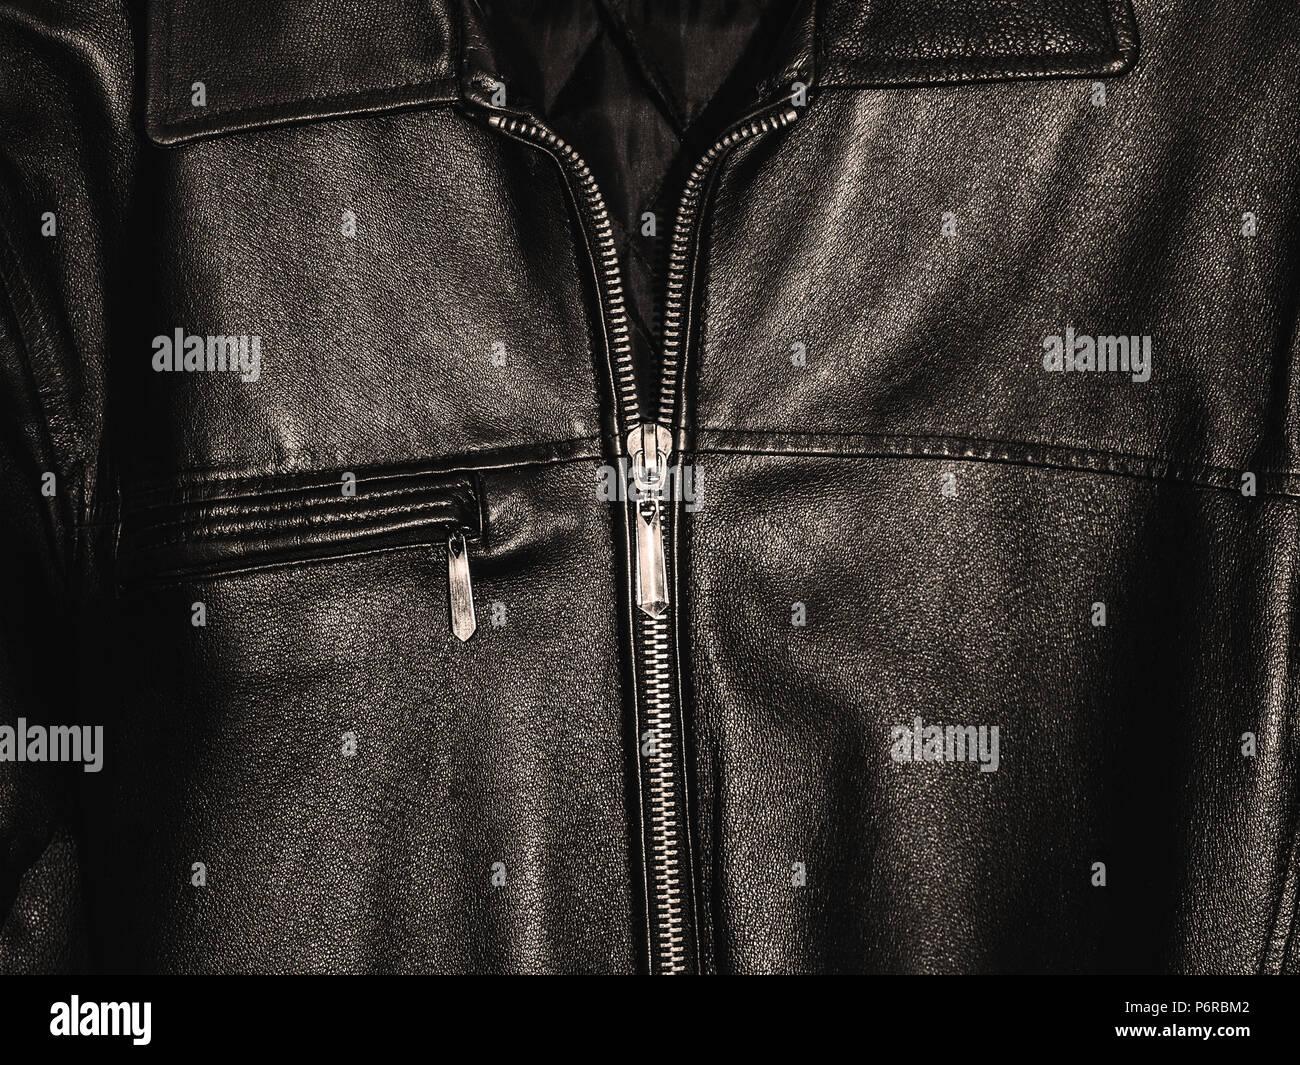 black leather jacket, closeup - Stock Image